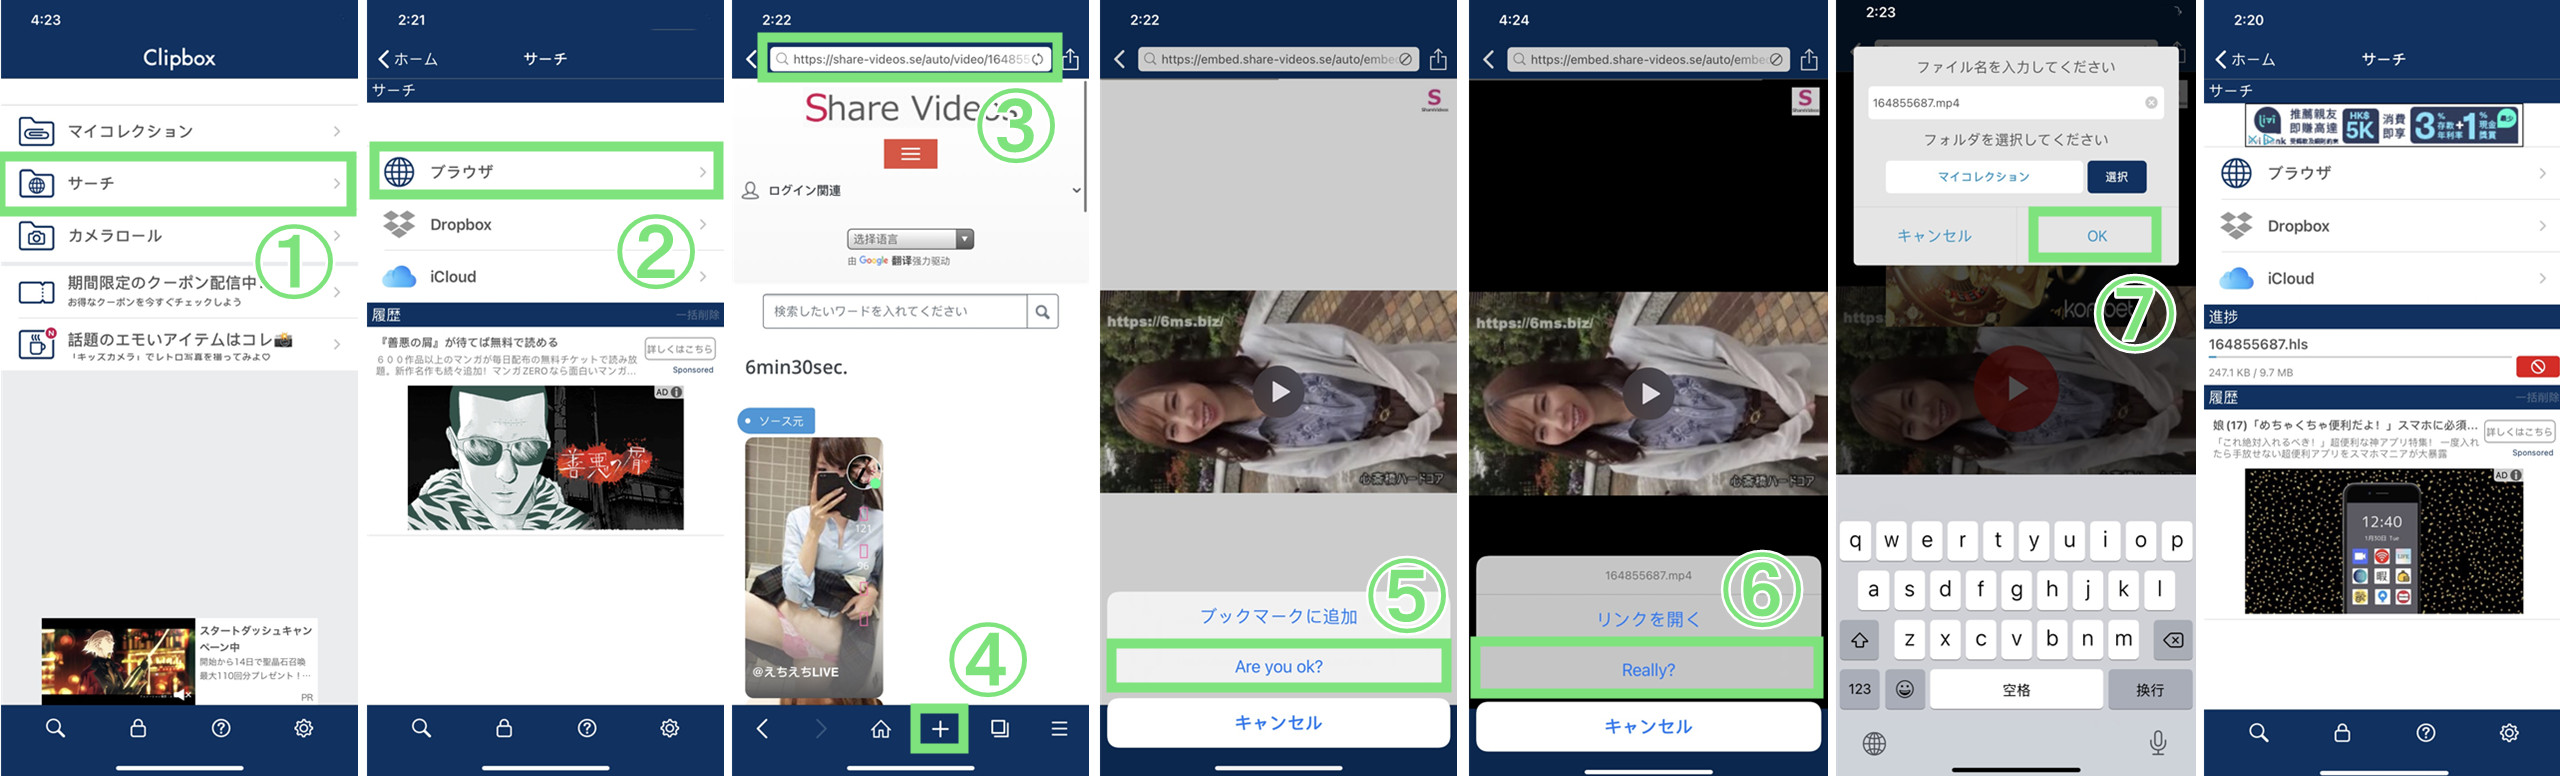 ClipboxでShareVideosをダウンロードする方法